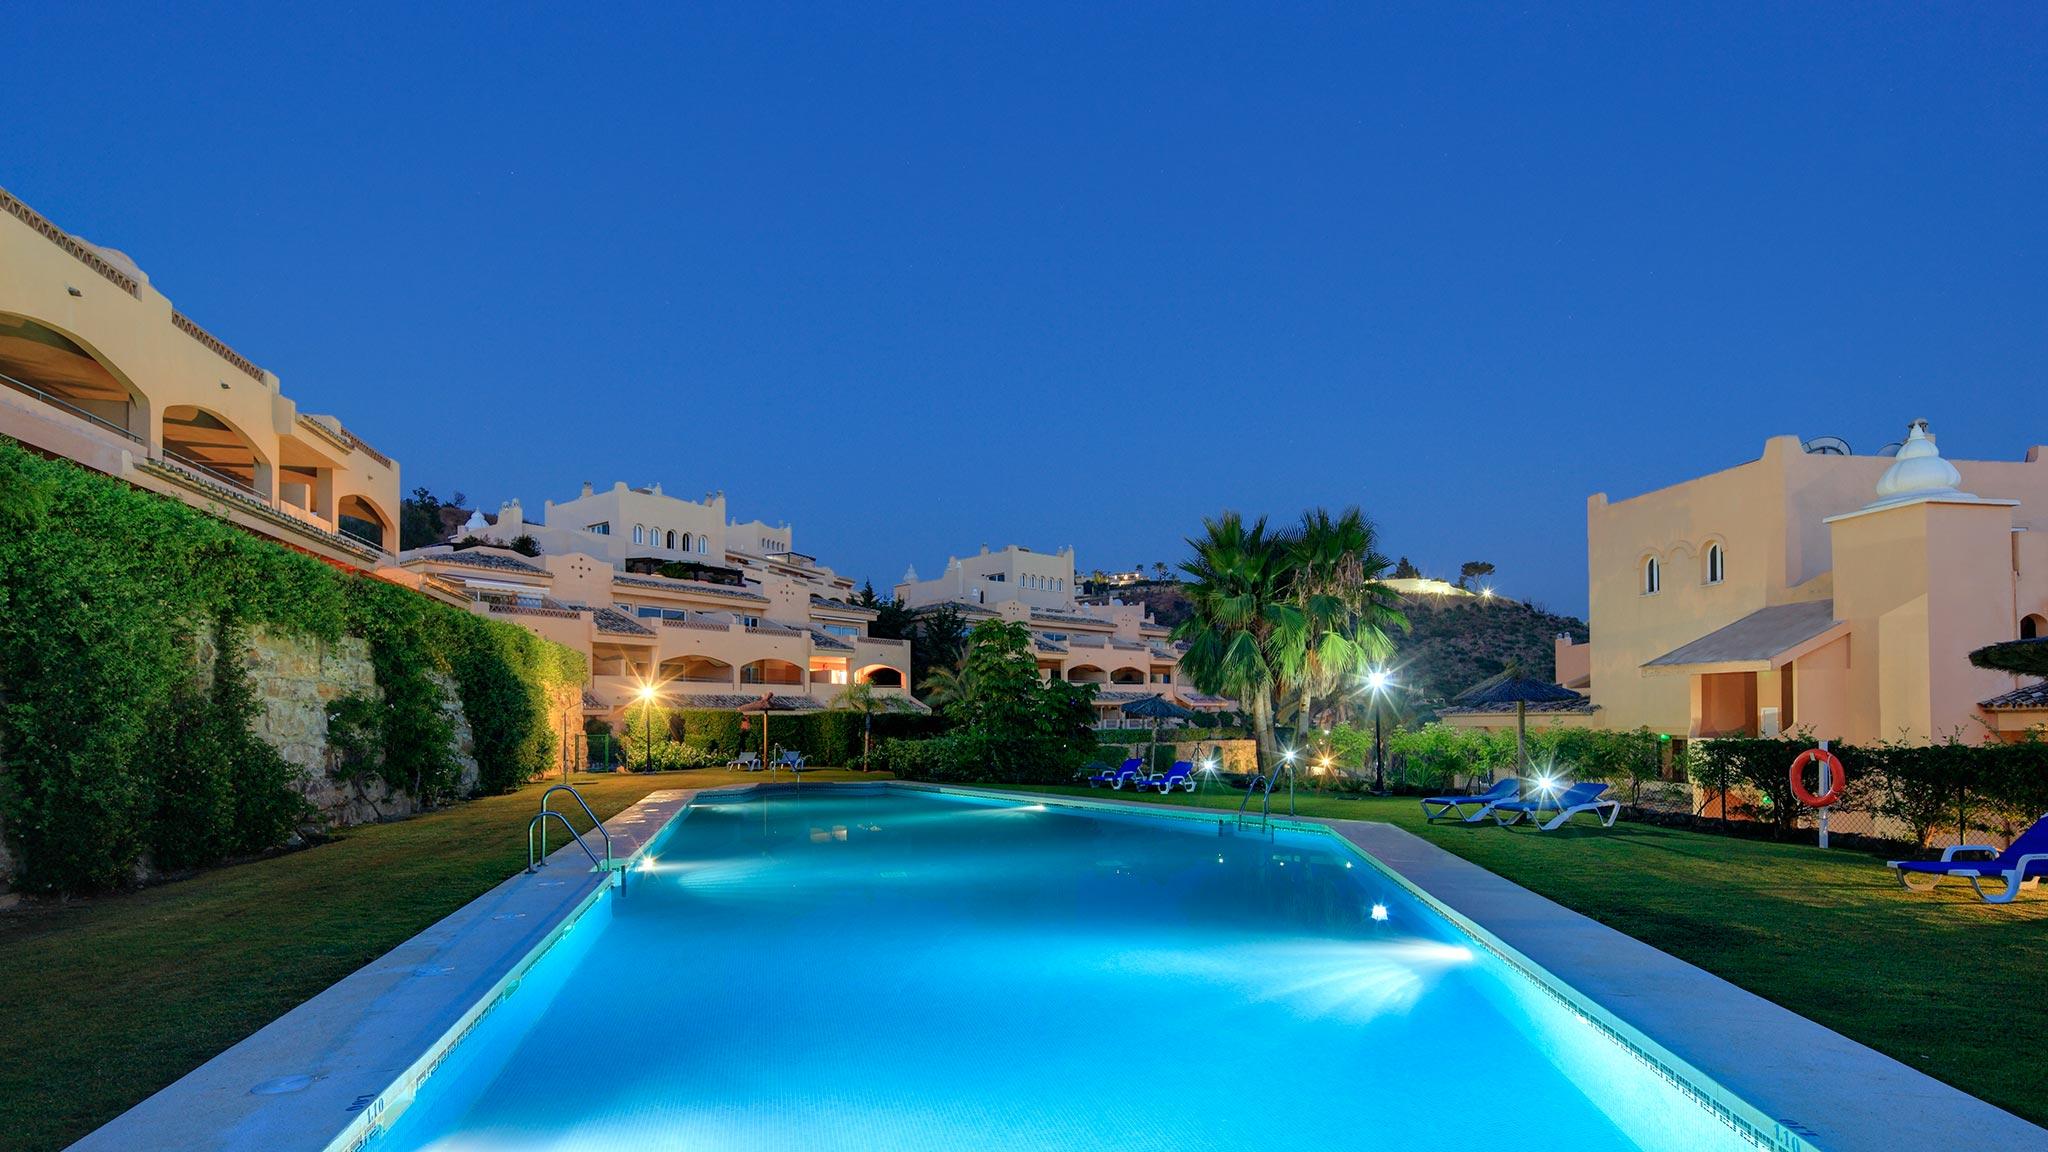 Amazing apartments in Elviria, Marbella